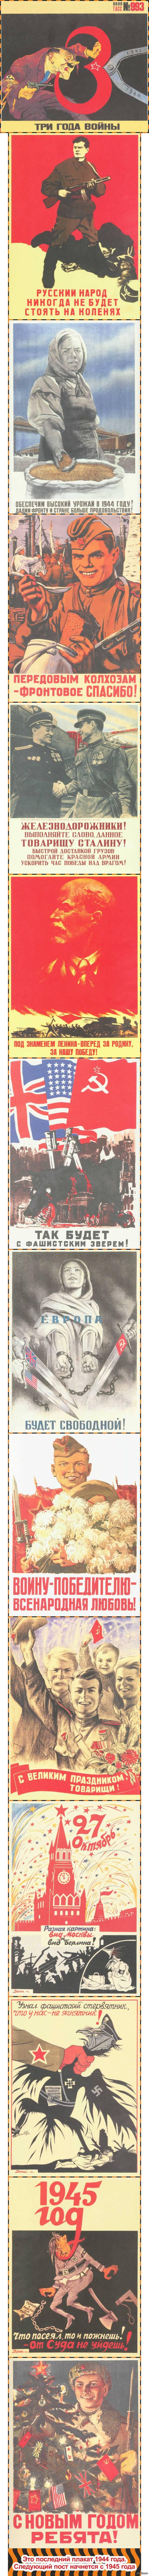 Плакаты великой отечественной войны (1944 год) часть 2